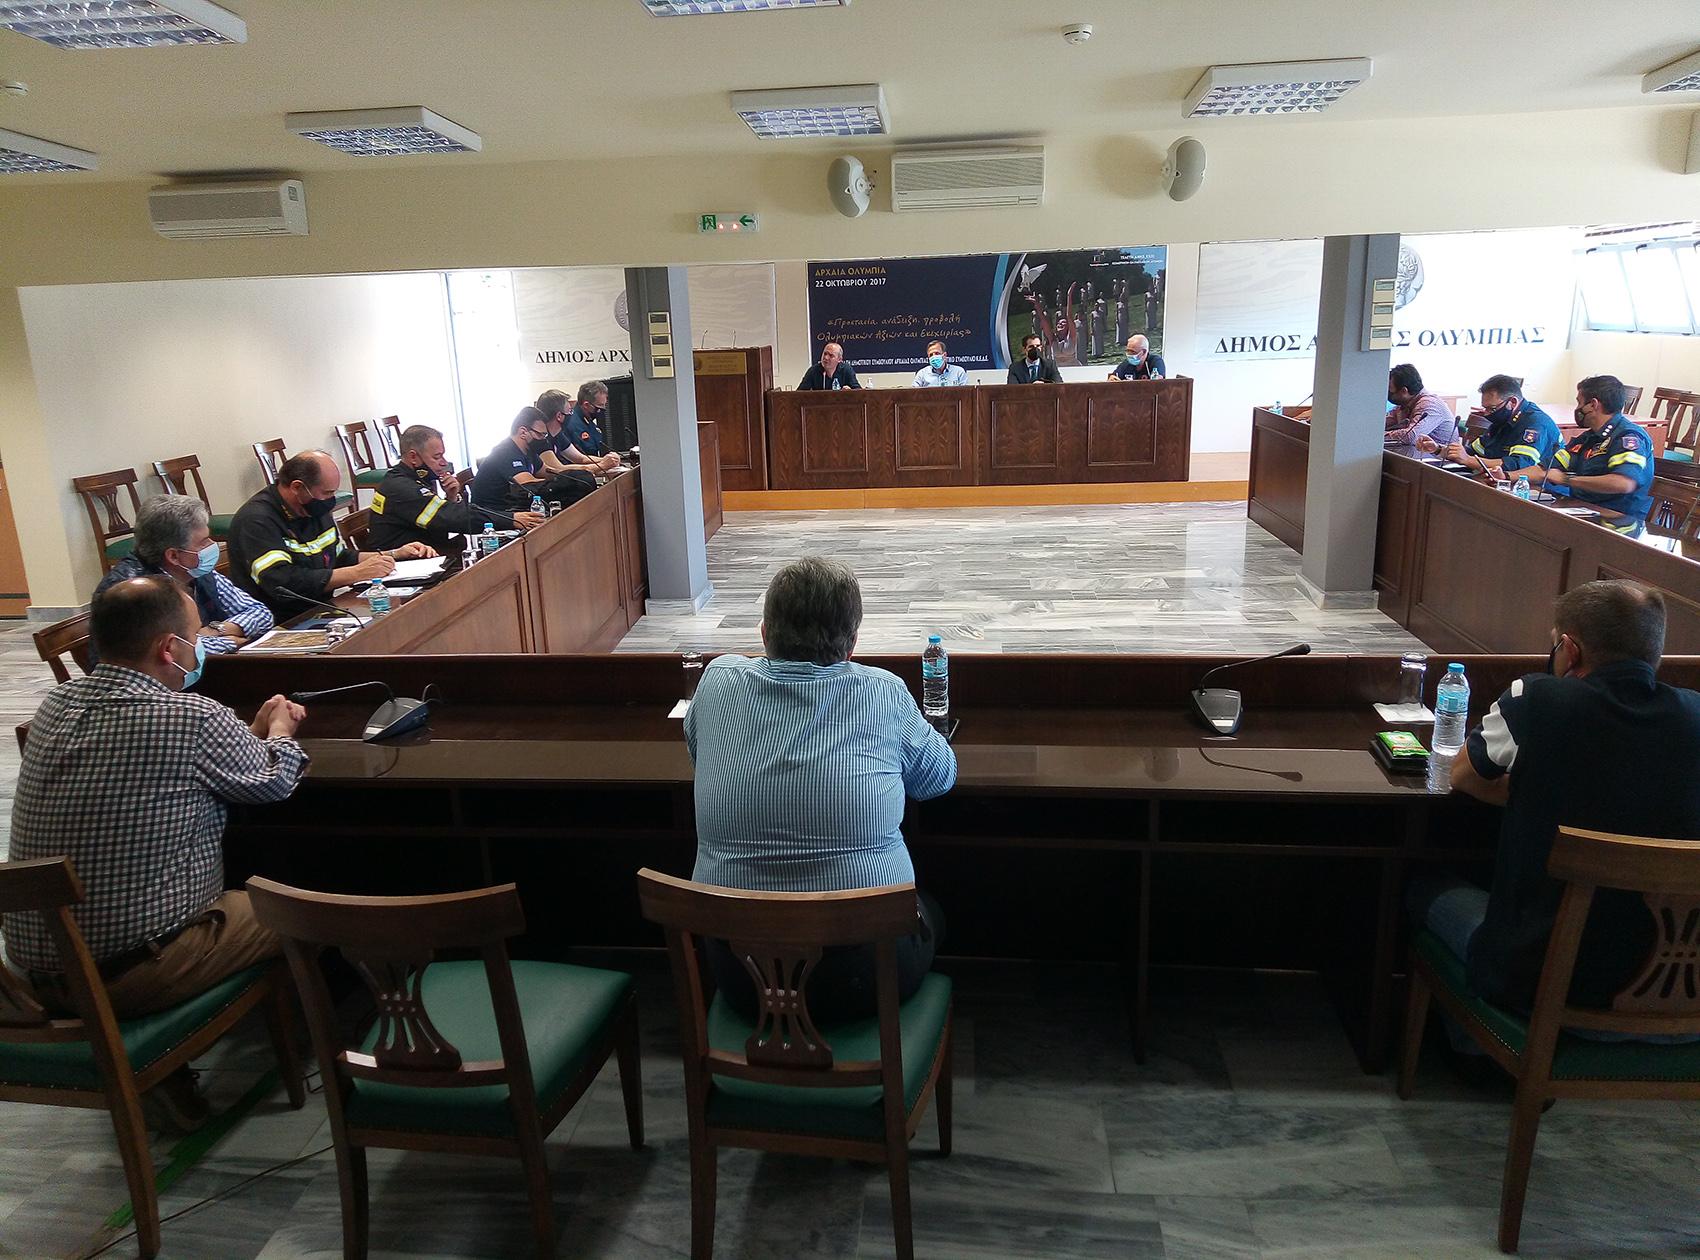 Ολυμπία: Ευρεία σύσκεψη για την αντιπυρική θωράκιση του Δήμου Αρχαίας Ολυμπίας, παρουσία του Γεν. Διευθυντή Πολιτικής Προστασίας, Φοίβου Θεοδώρου (photos)